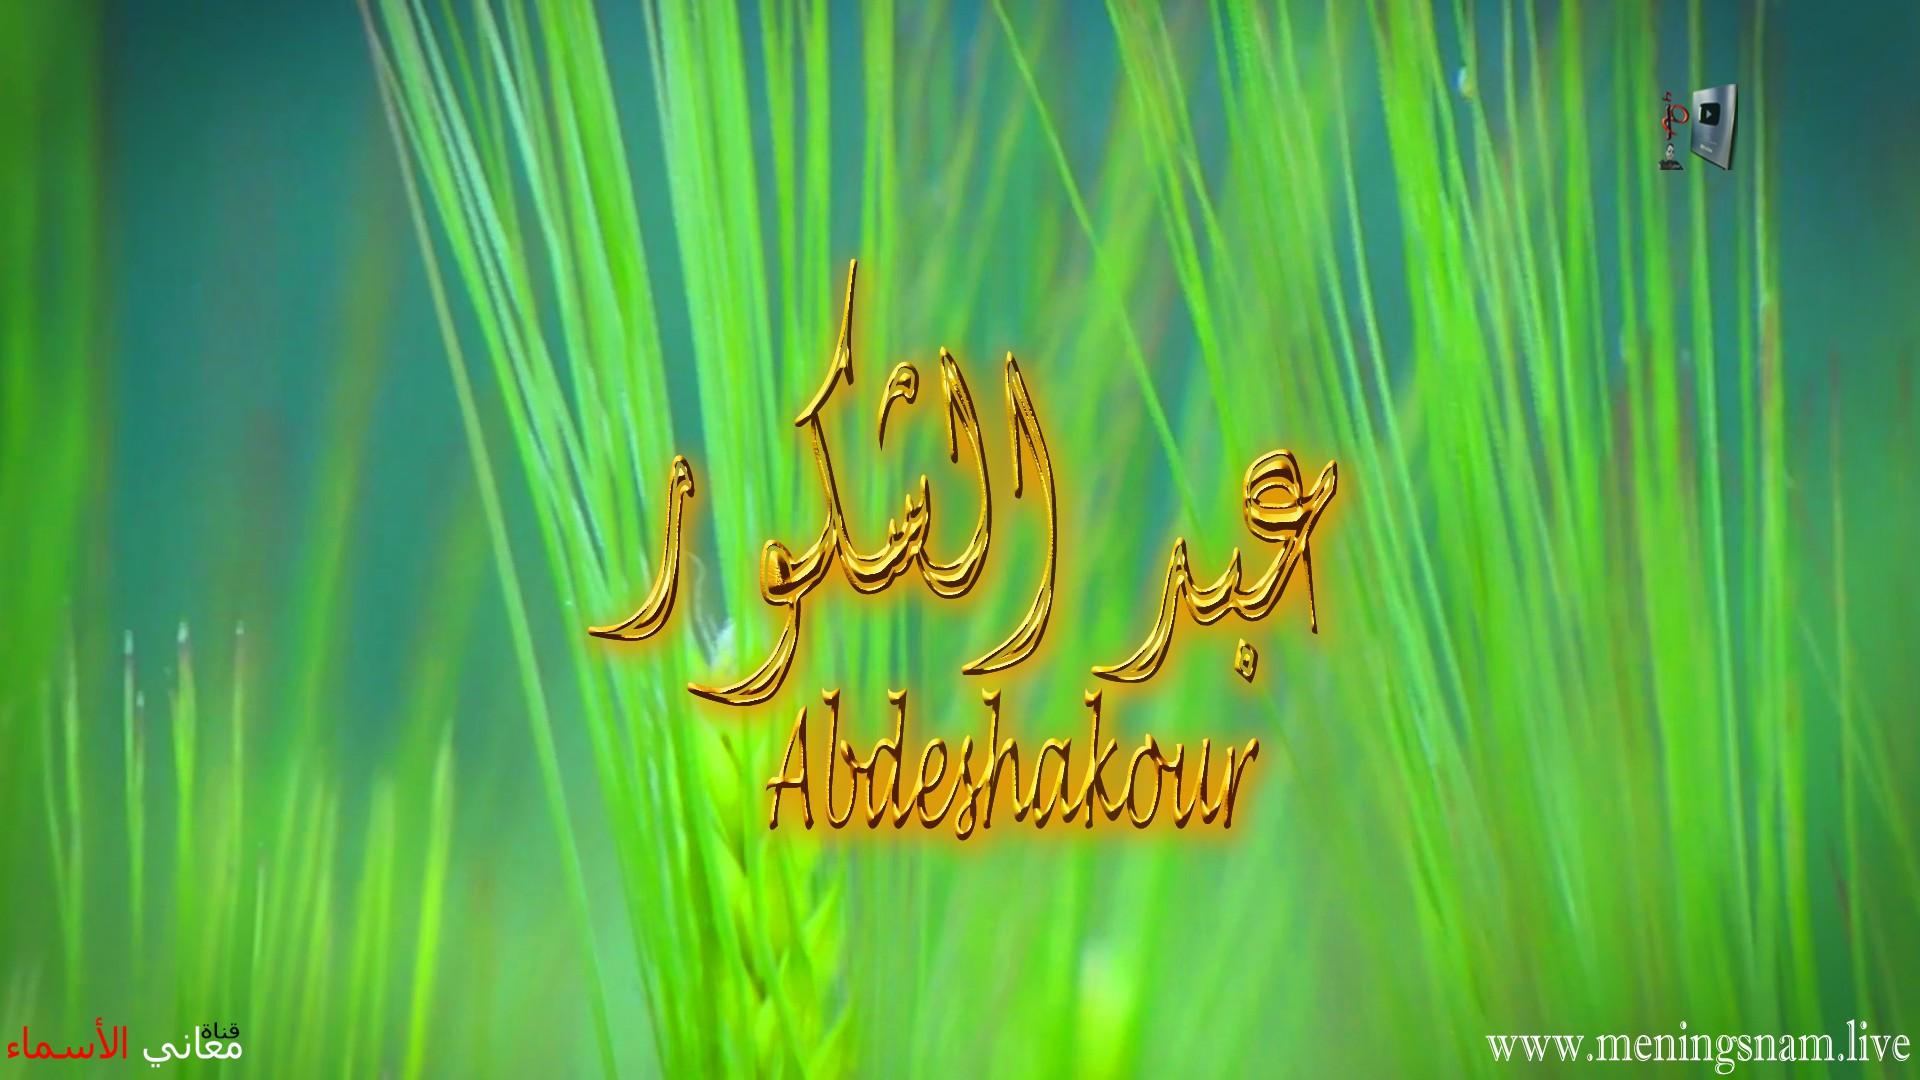 معنى اسم عبد الشكور وصفات حامل هذا الاسم Abdeshakour